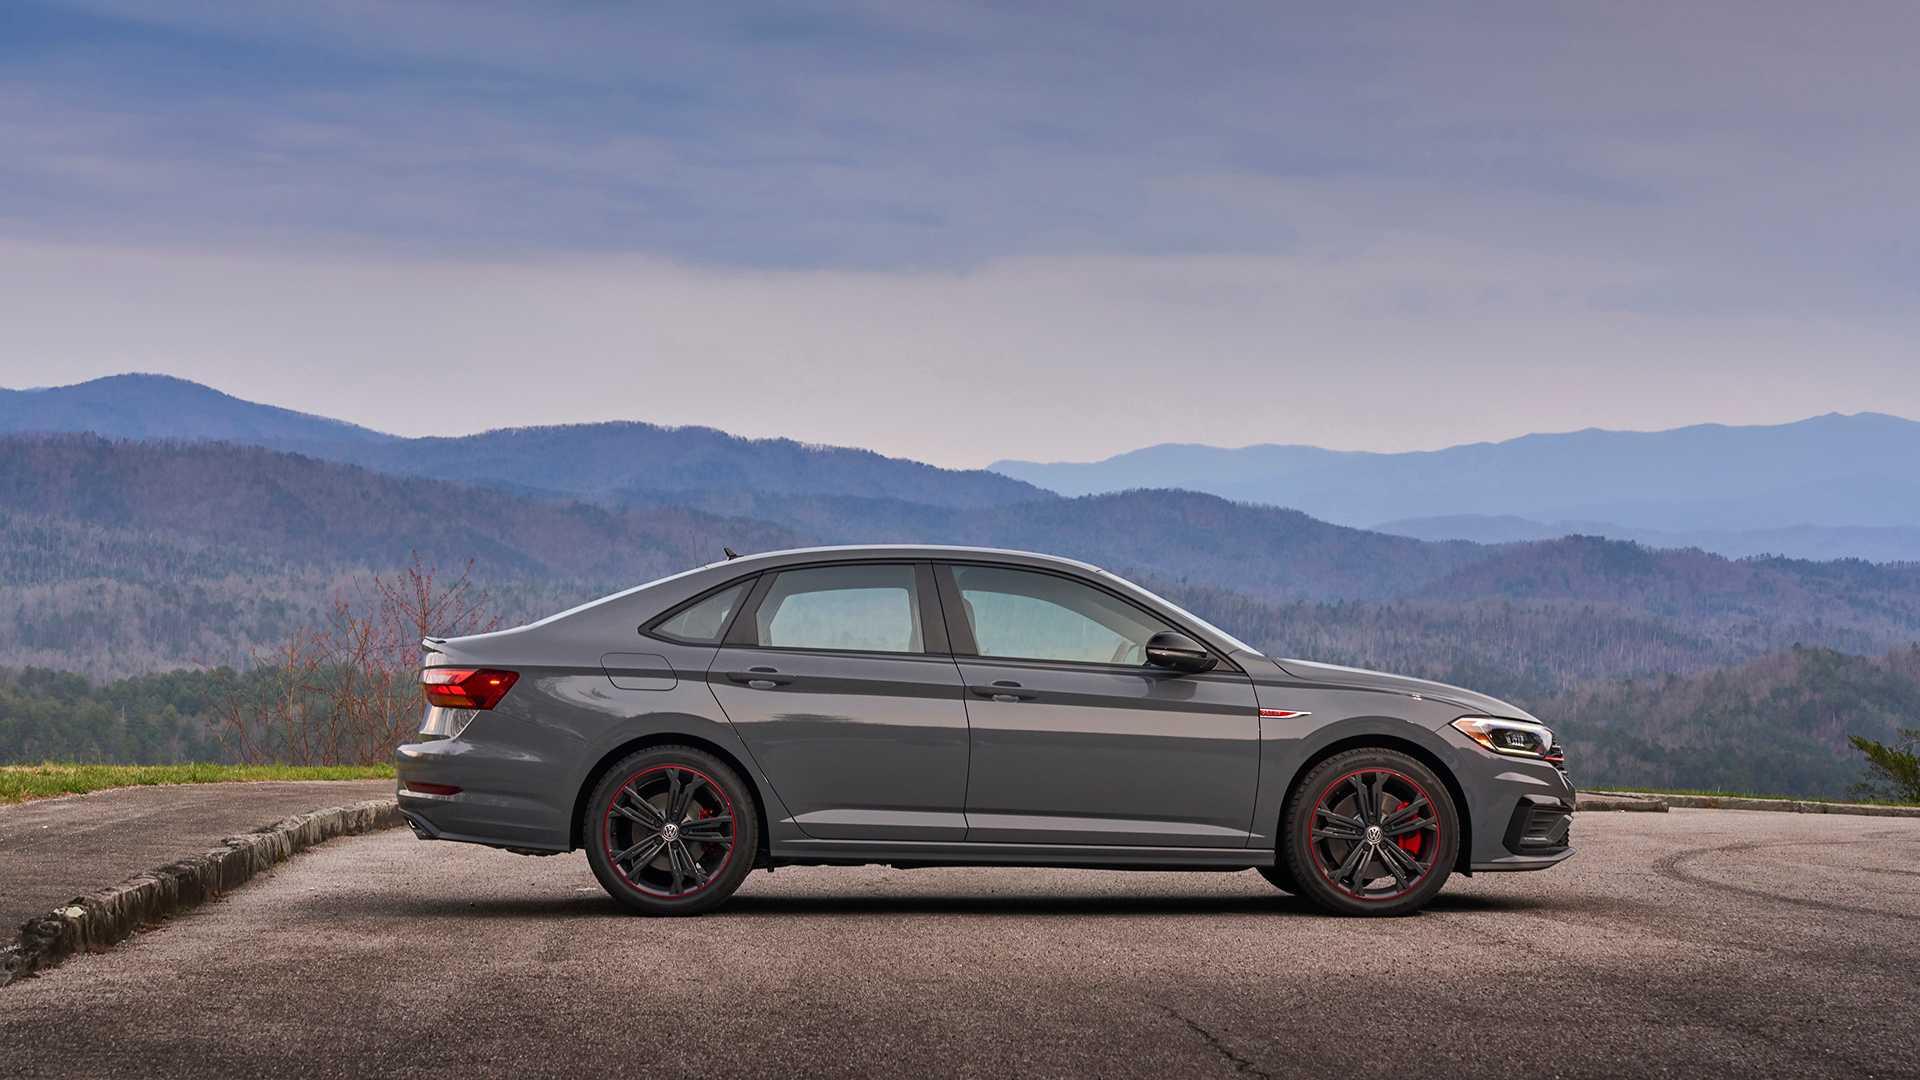 2019 Volkswagen Jetta GLI side profile